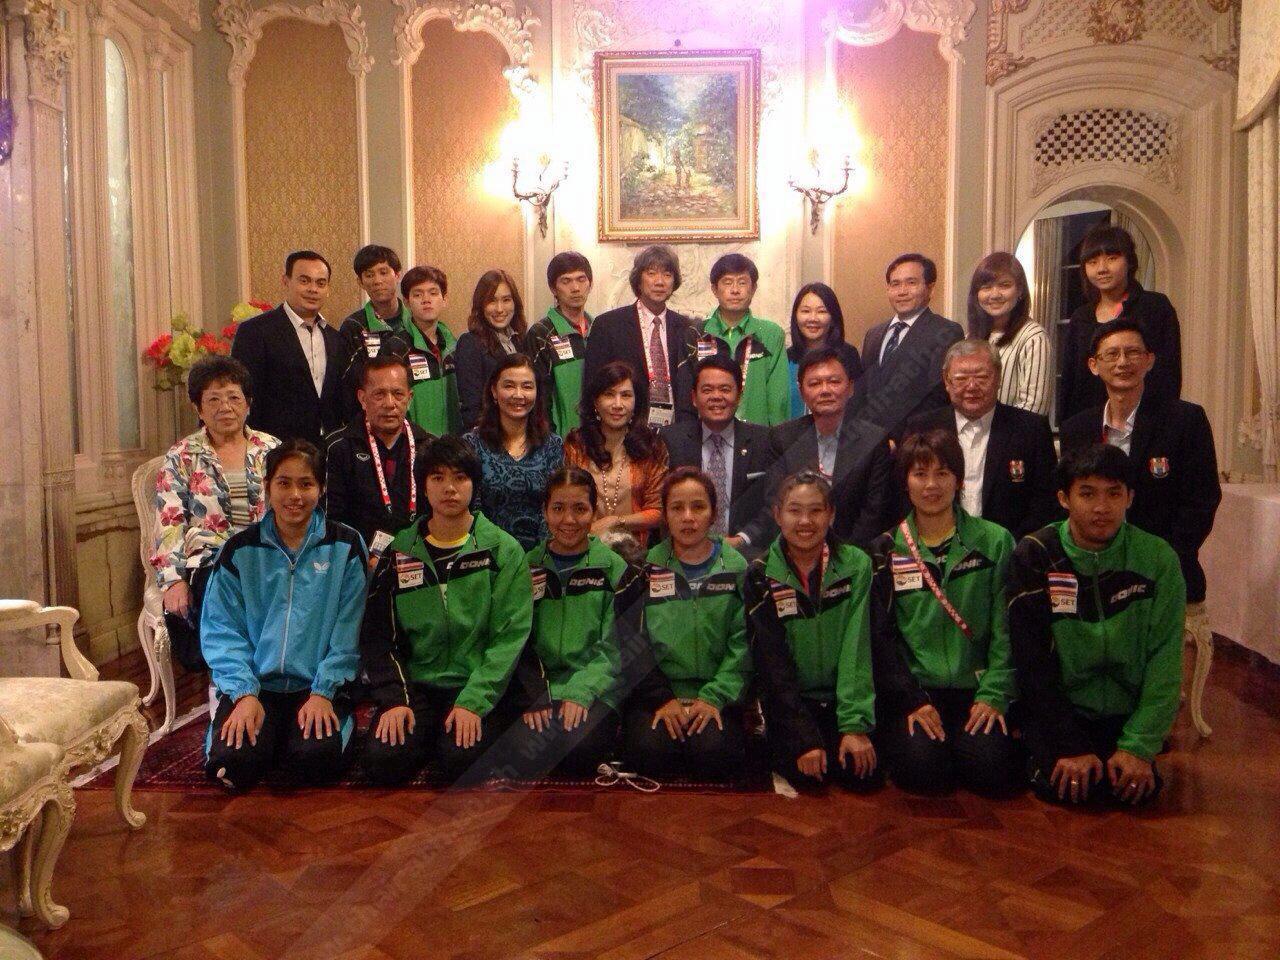 เลี้ยงรับ ธนาธิป อุปัติศฤงค์ ออท. ณ กรุงโตเกียว ญี่ปุ่น และ มนต์ทิพย์  ภริยา  พร้อมข้าราชการสถานทูต ร่วมเลี้ยงต้อนรับเป็นกำลังใจแก่นักกีฬา ปิงปองไทย นำโดย ดร.สถิตย์ ลิ่มพงศ์พันธ์ ไปแข่งขันปิงปองโลกที่ญี่ปุ่น.